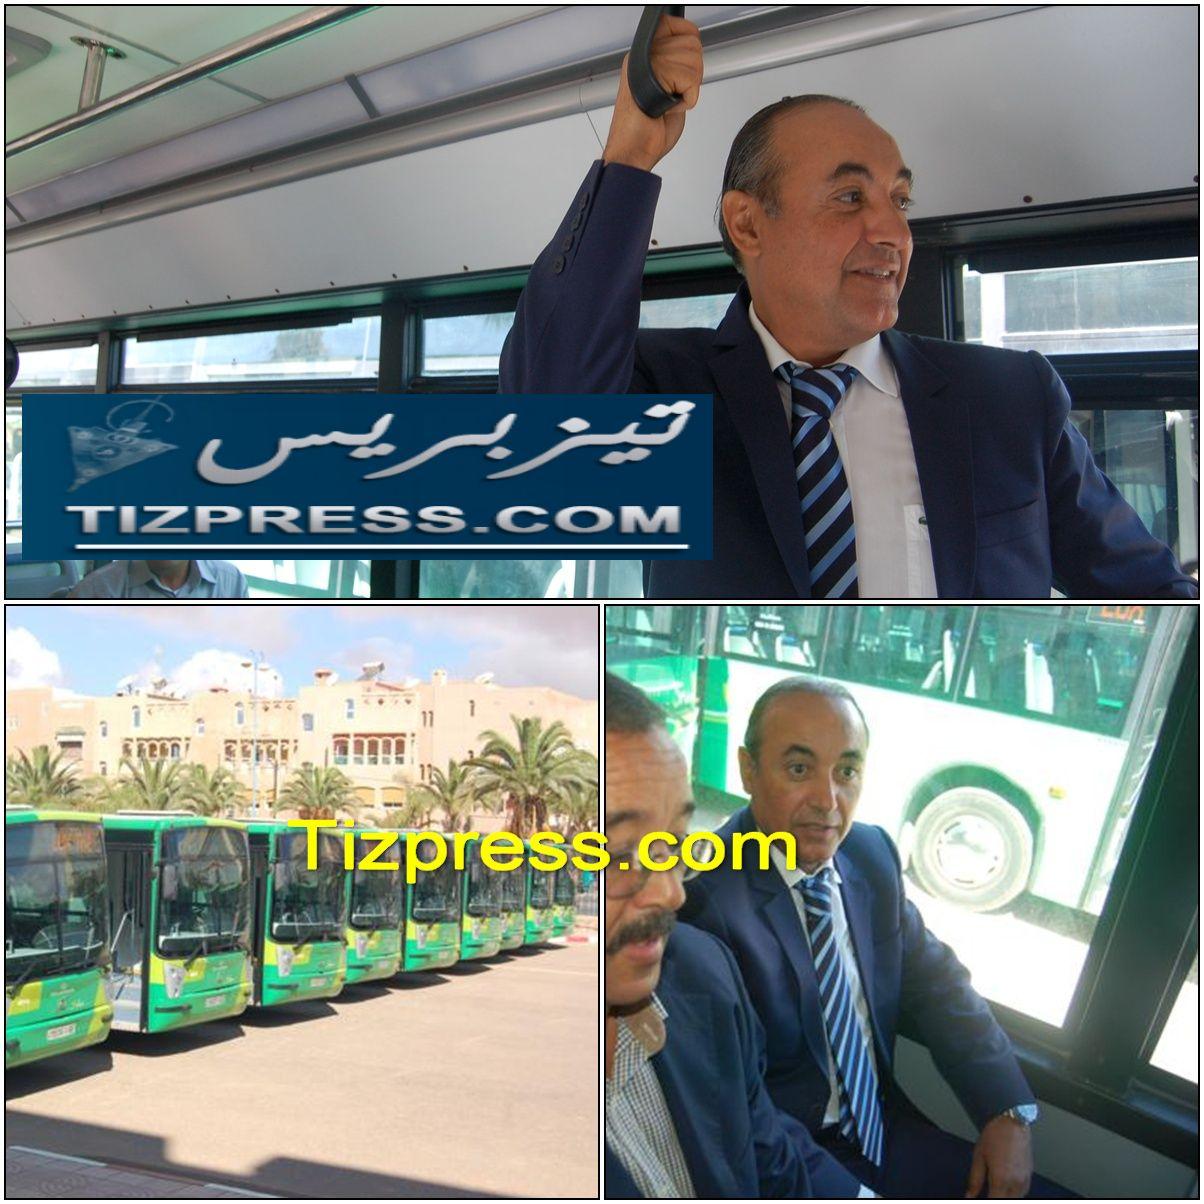 عامل إقليم تيزنيت يعطي إشارة انطلاق الدفعة الأولى من حافلات LUX TRANSPORT بتيزنيت ( صور + فيديو )